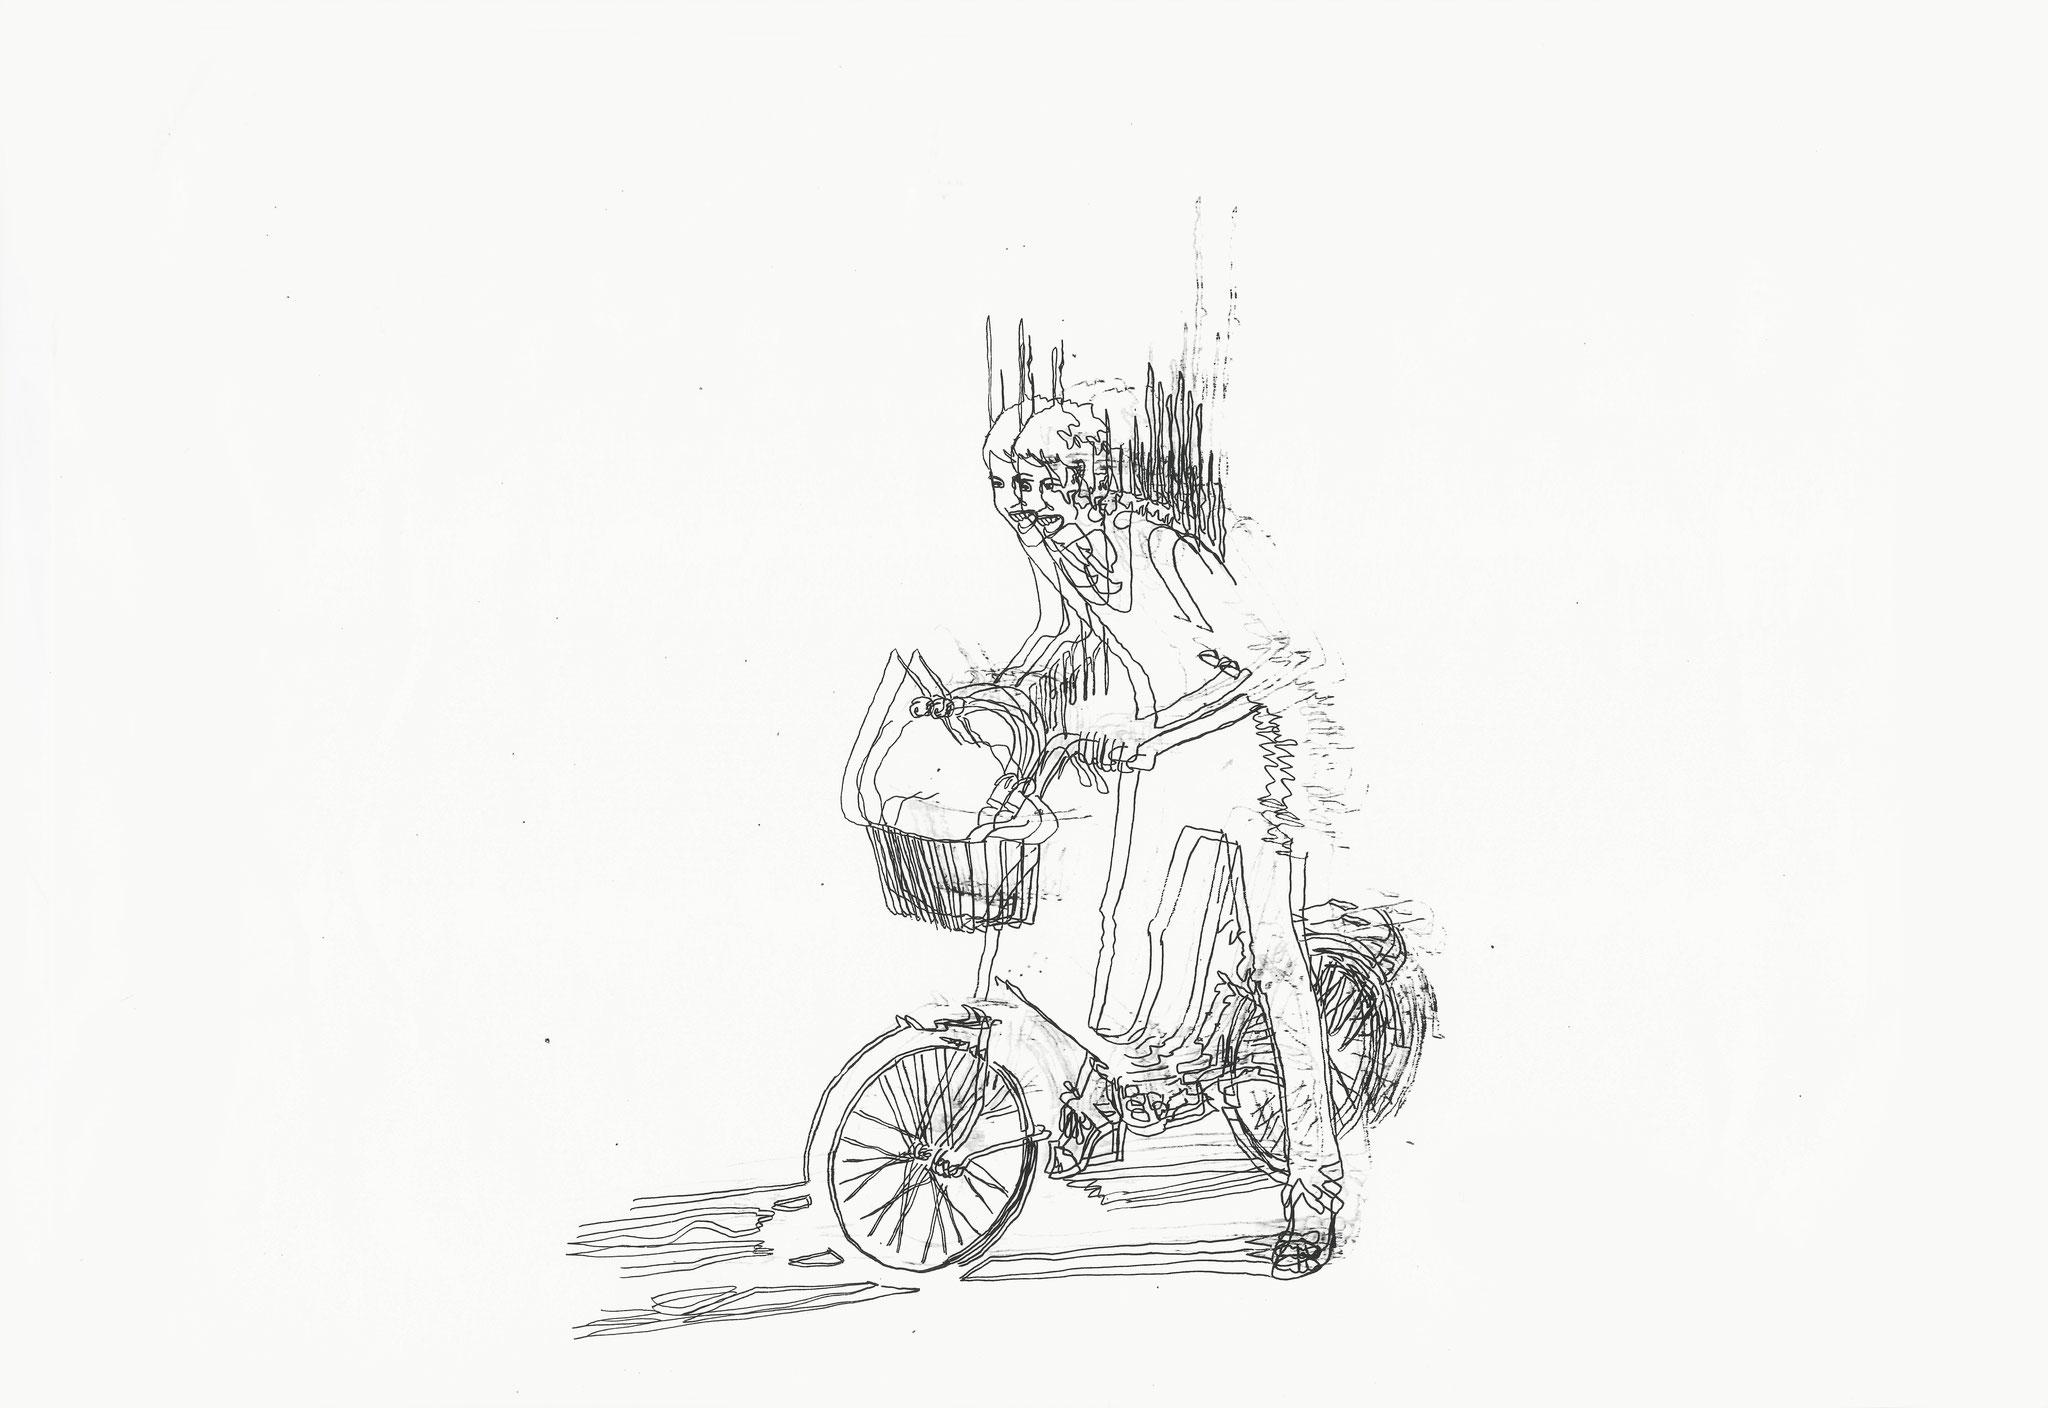 Fragment, Kopiertechnik Feinleiner auf Papier, 2015, Damaris Rohner